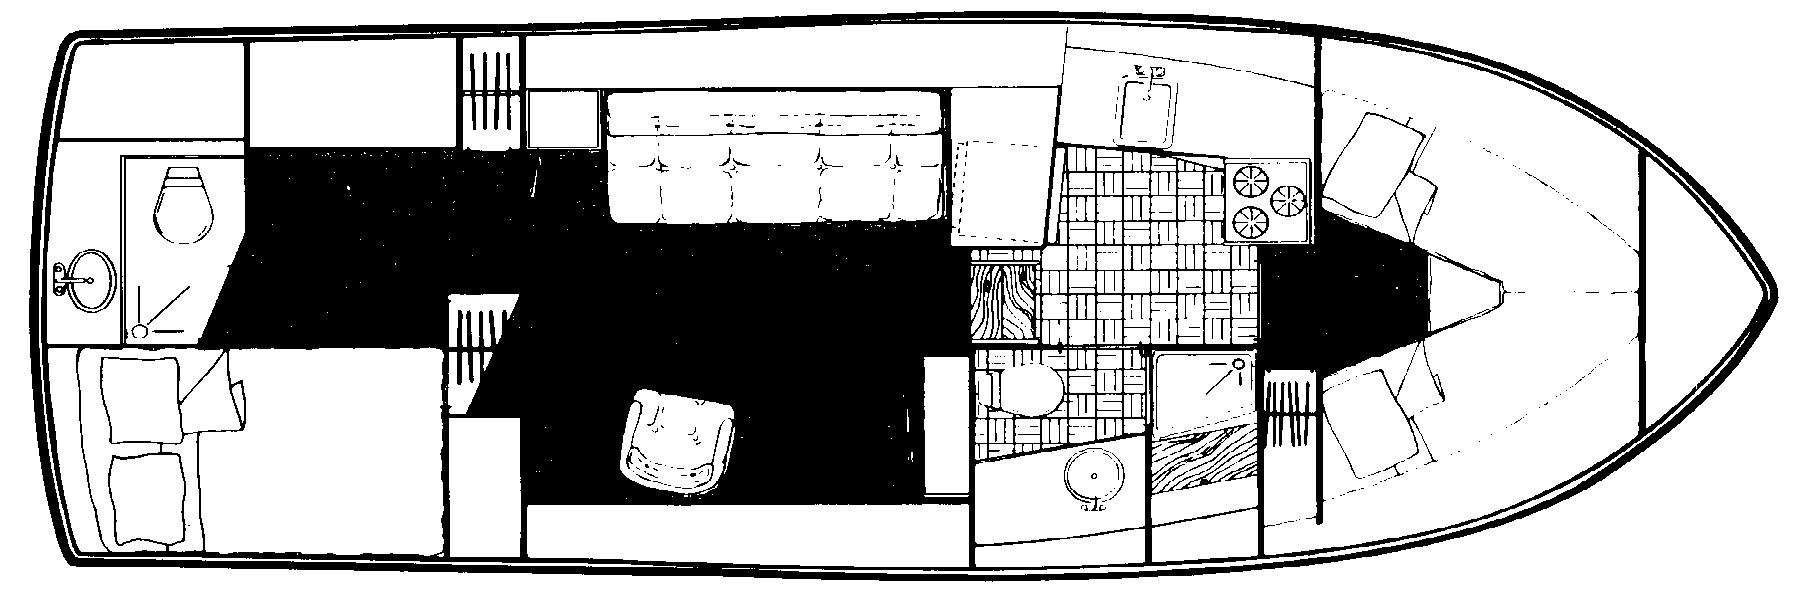 Carver 3207 Aft Cabin Floor Plan 2